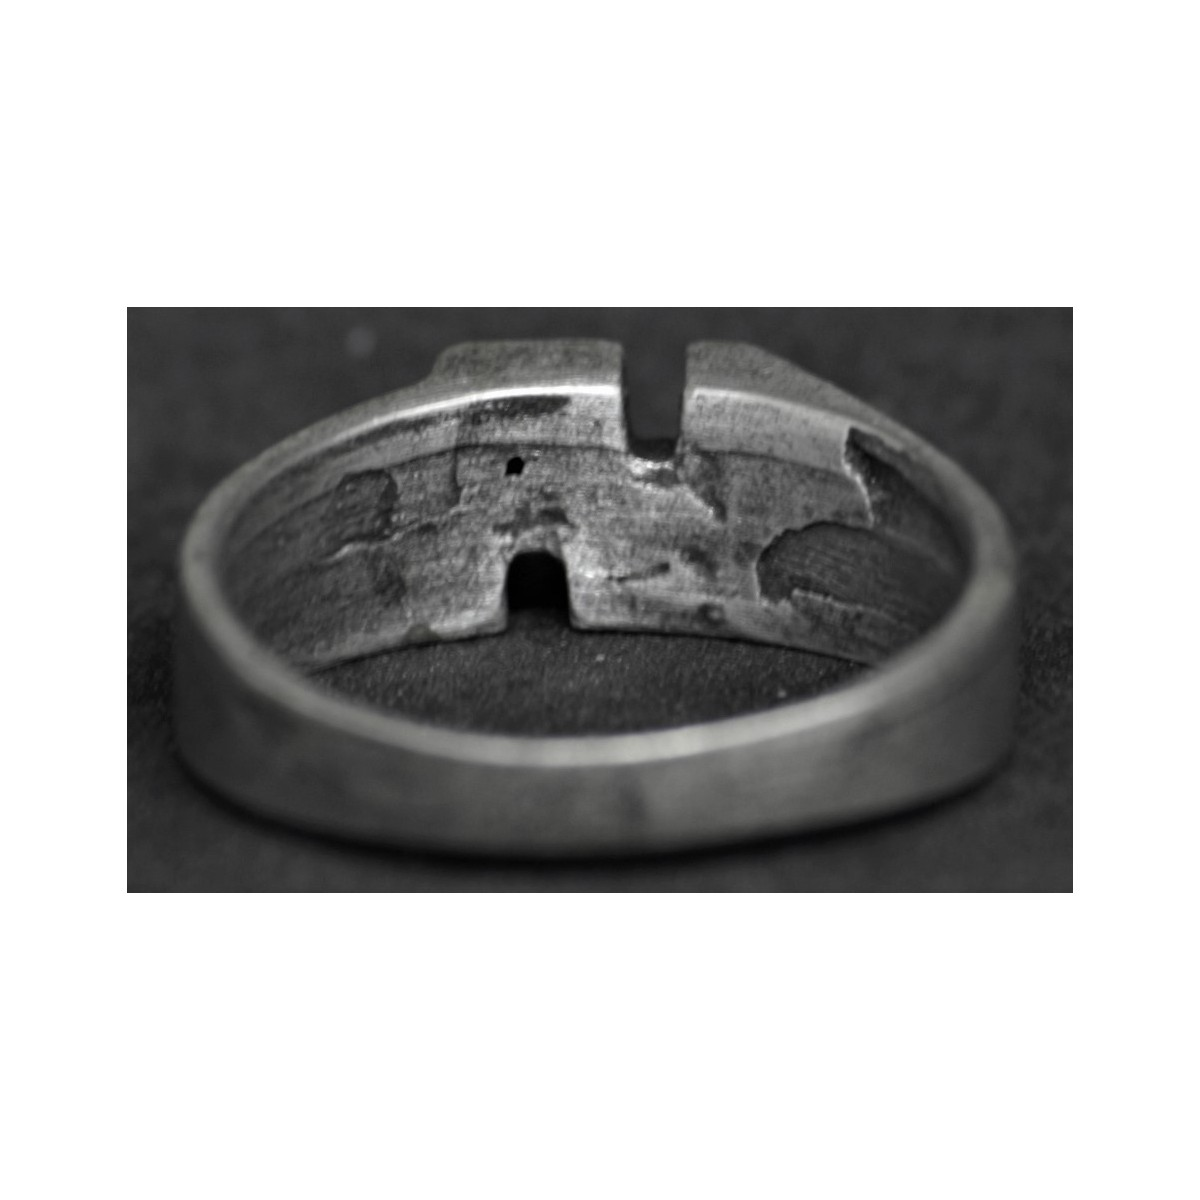 Ring Hakenkreuz 22mm War Militaria